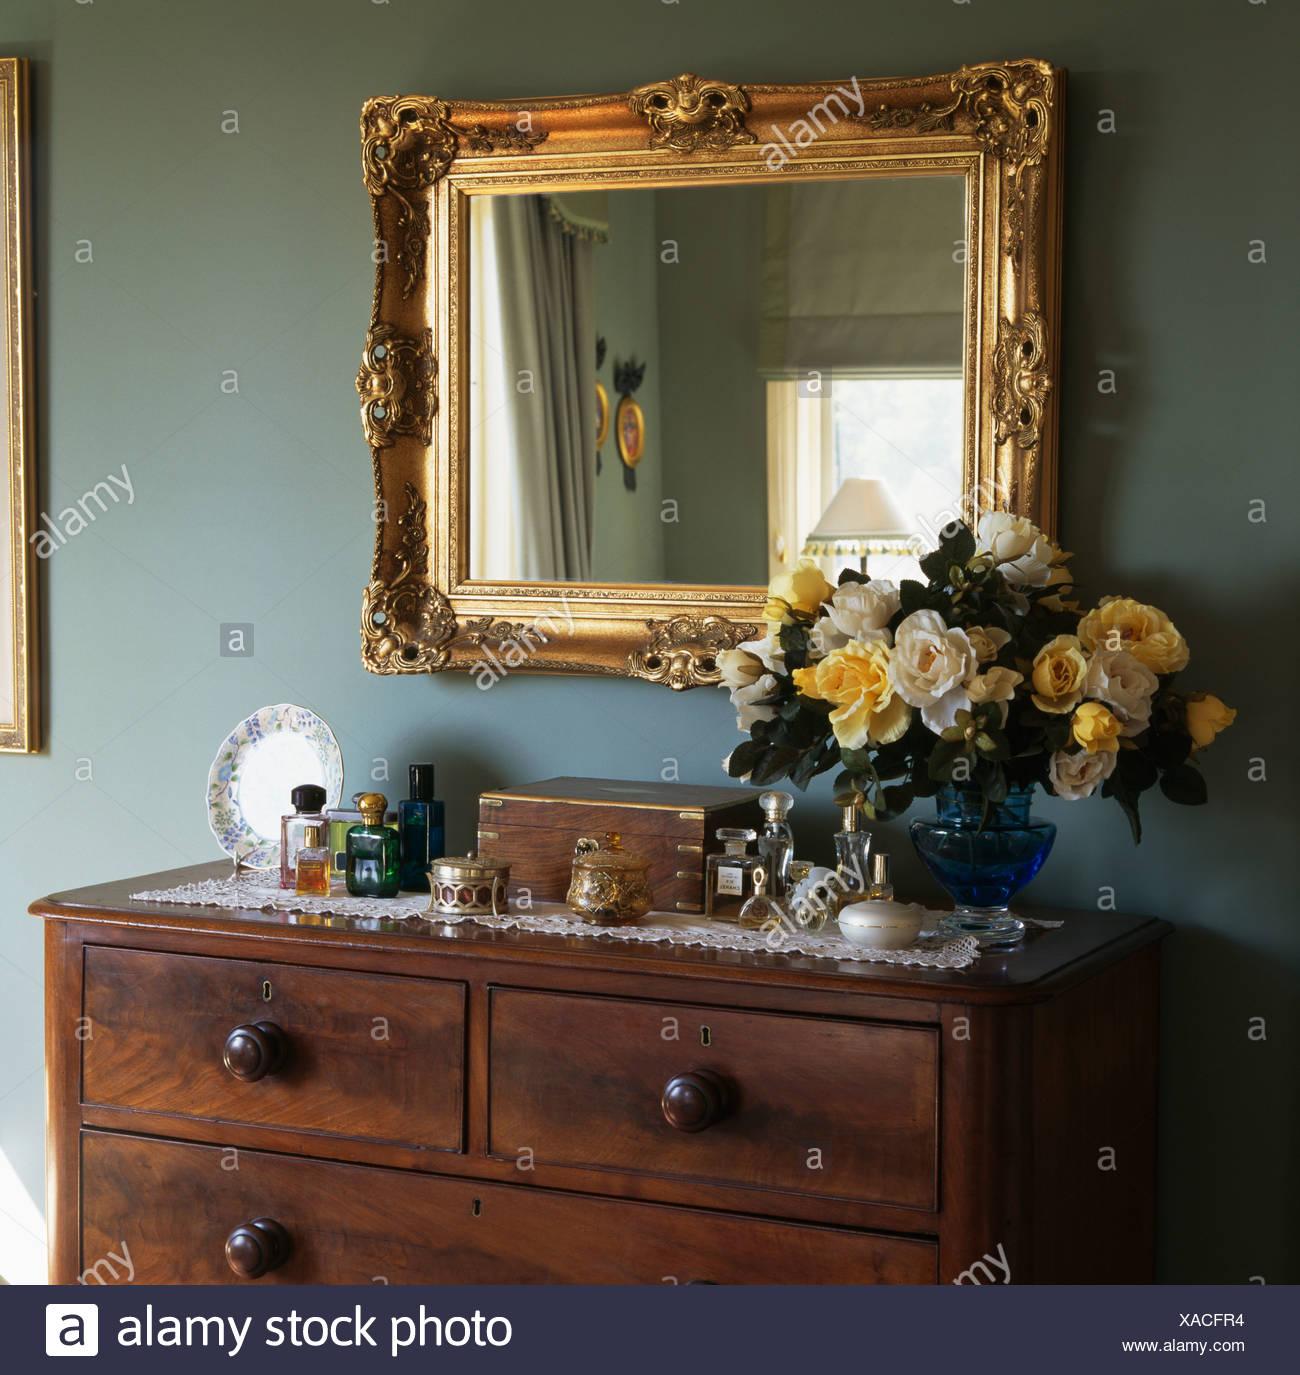 schlafzimmer kommode antik bettw sche milben fena schlafzimmer kommode m bel boss set berbau. Black Bedroom Furniture Sets. Home Design Ideas